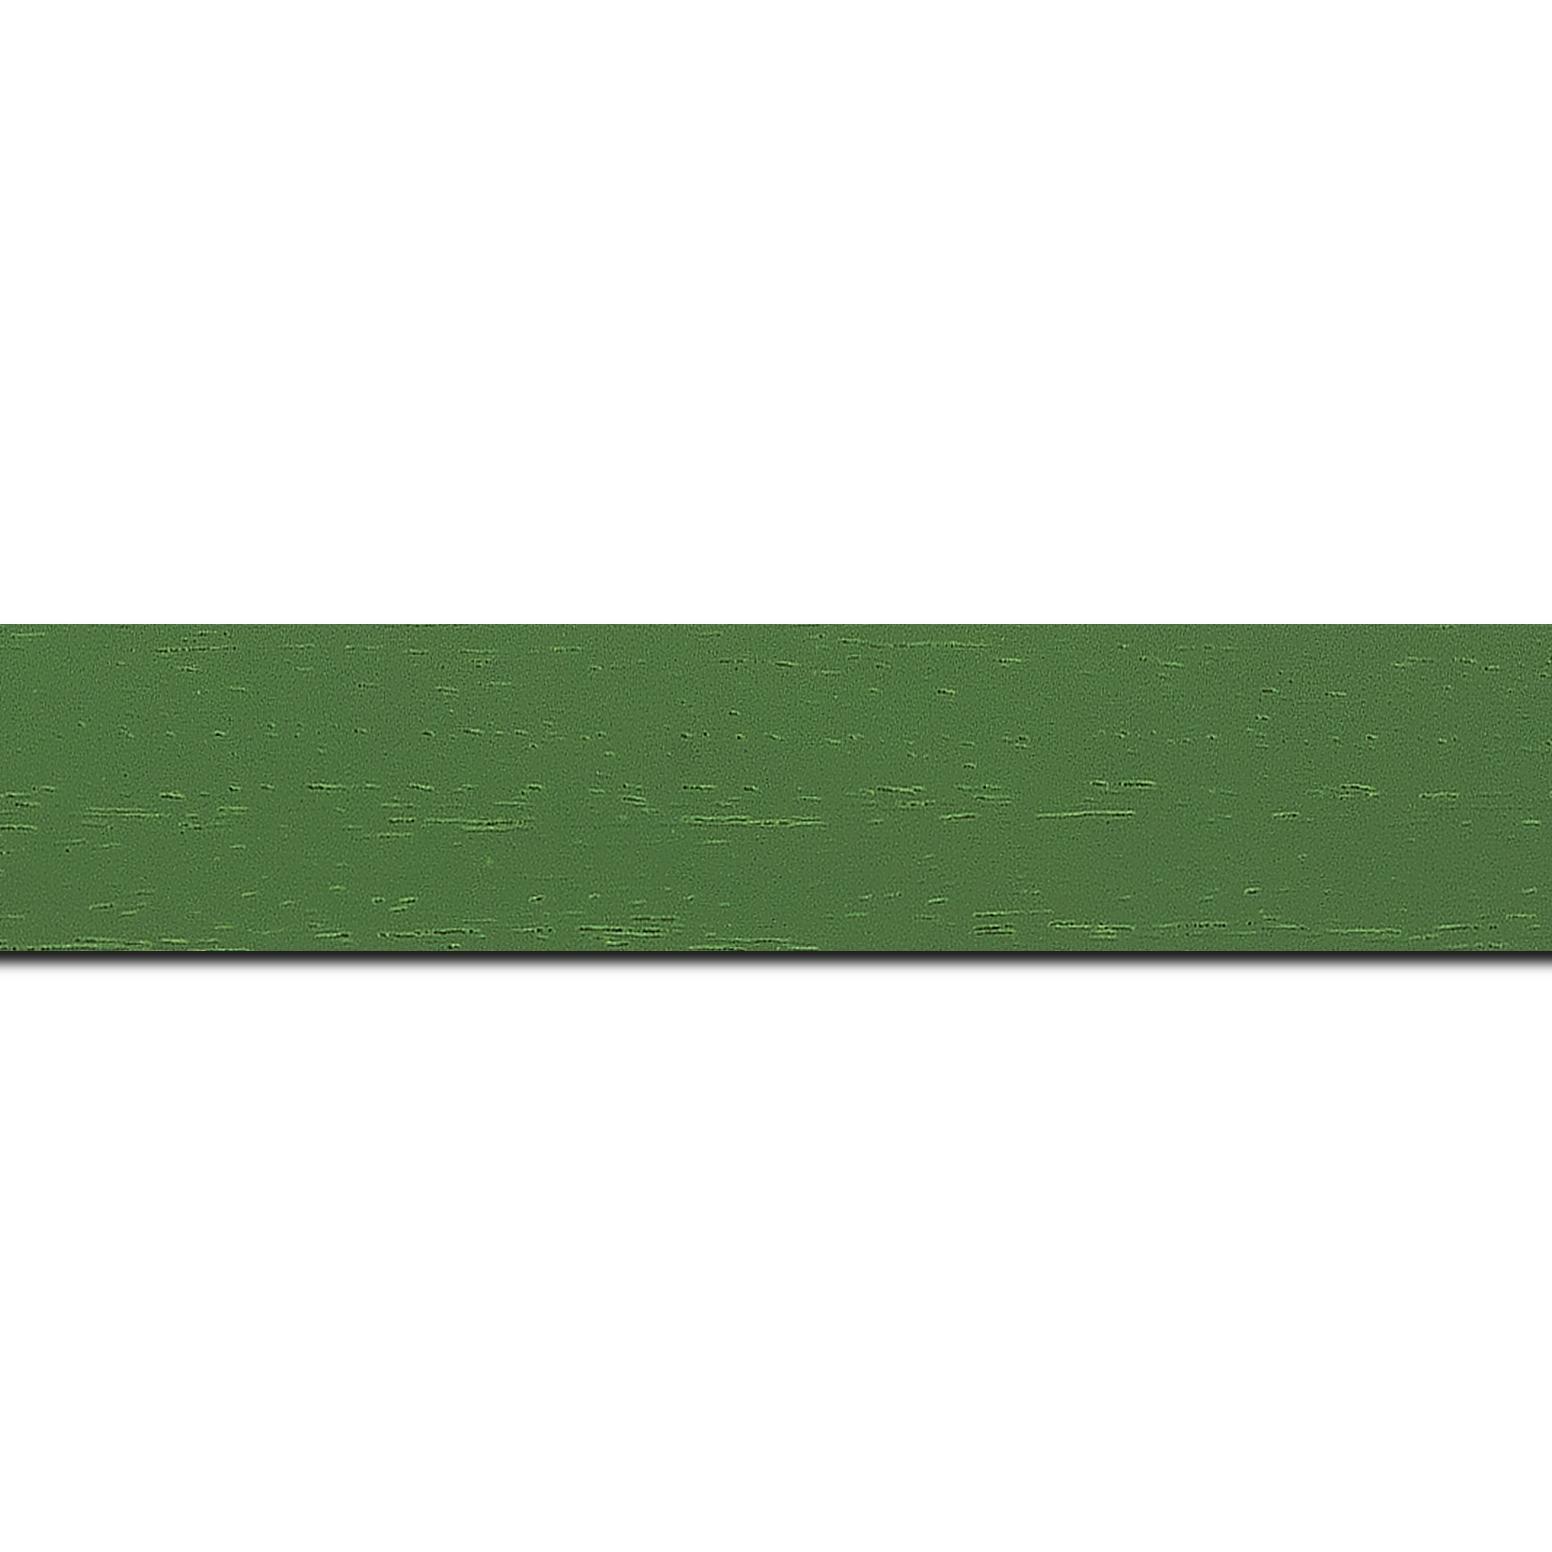 Pack par 12m, bois profil plat largeur 3cm couleur vert amande satiné (longueur baguette pouvant varier entre 2.40m et 3m selon arrivage des bois)